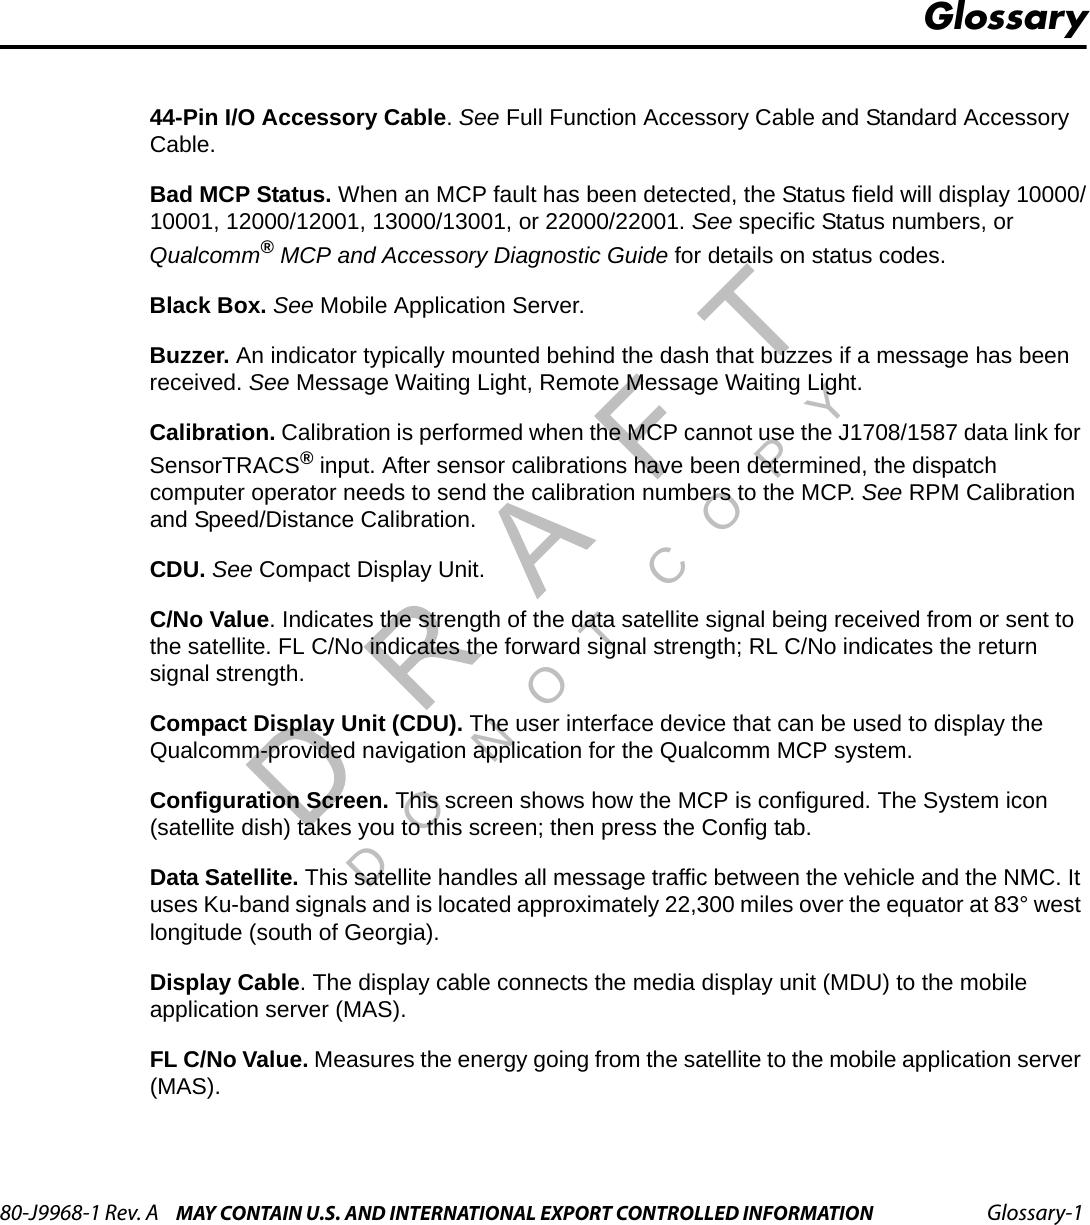 J1708 Fault Codes